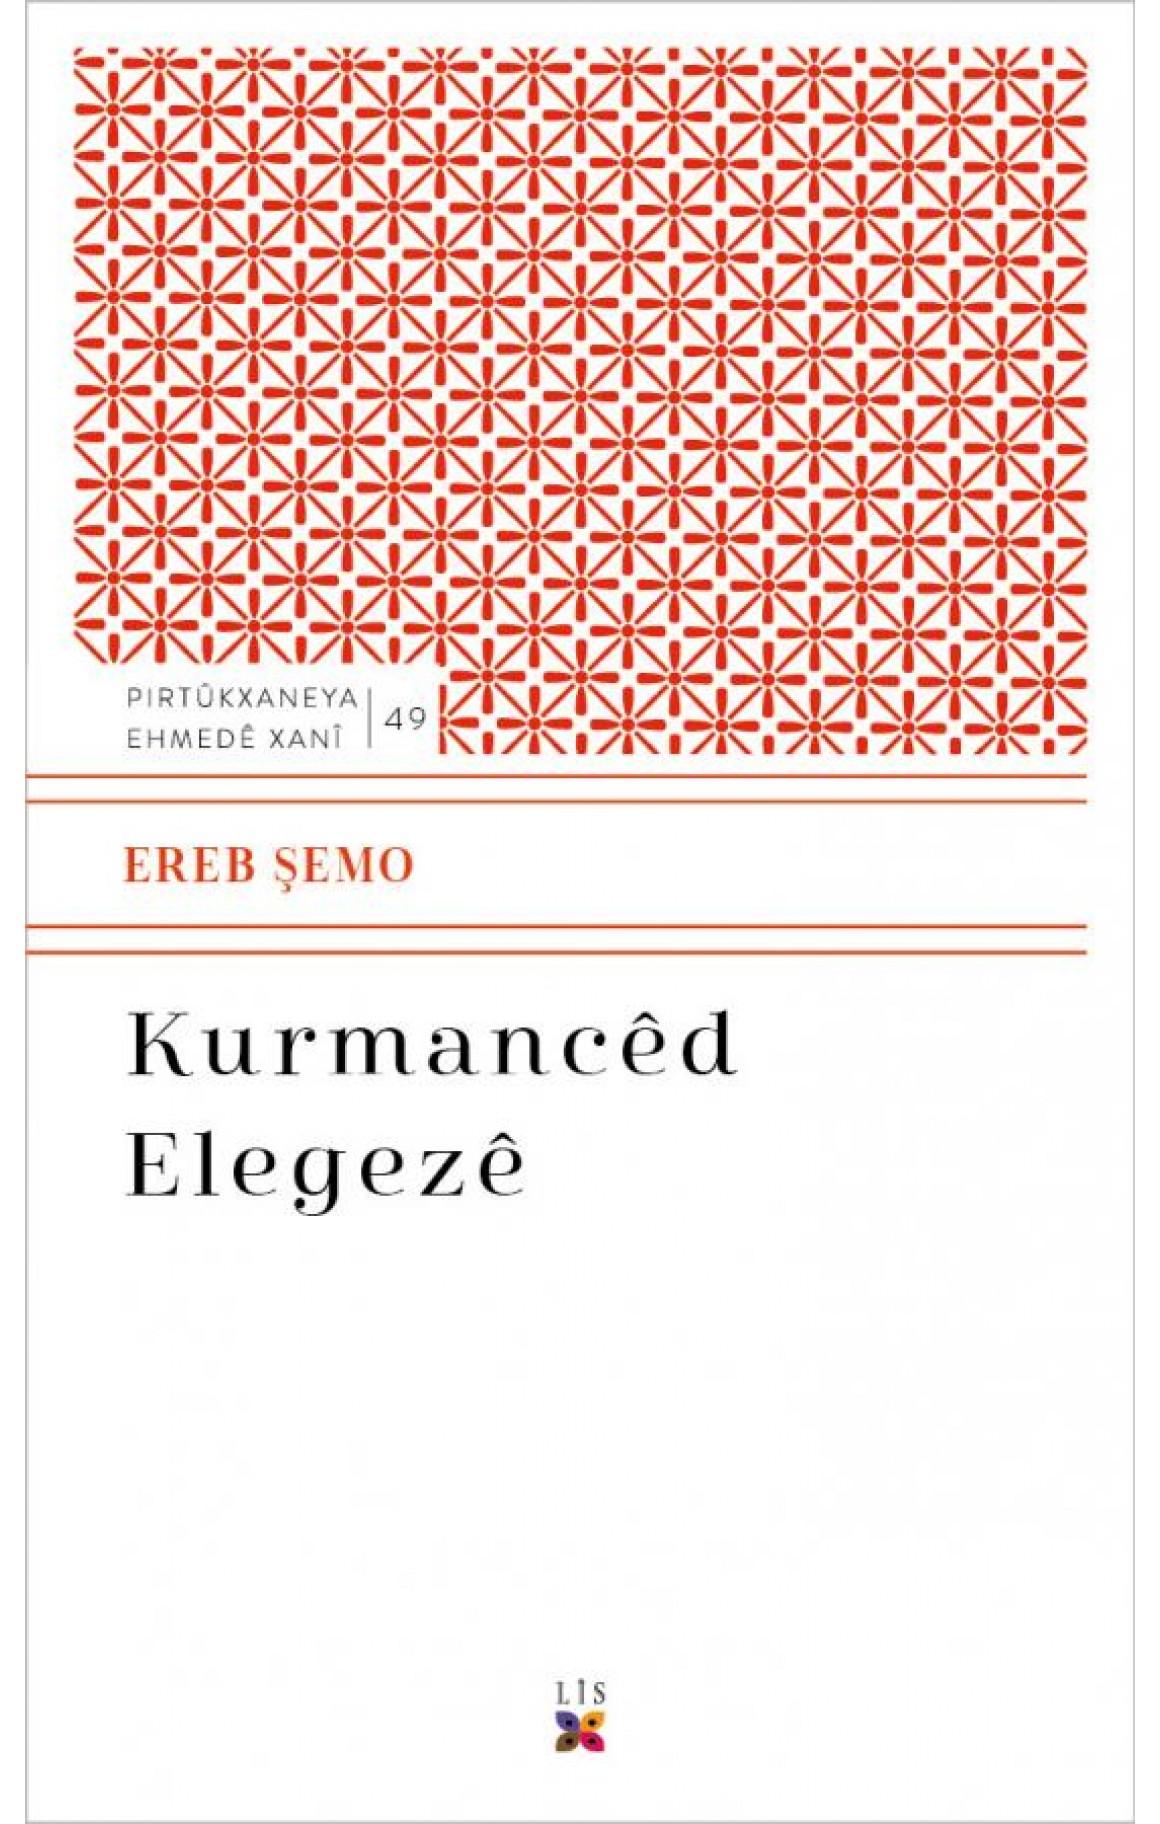 Kurmancêd Elegezê